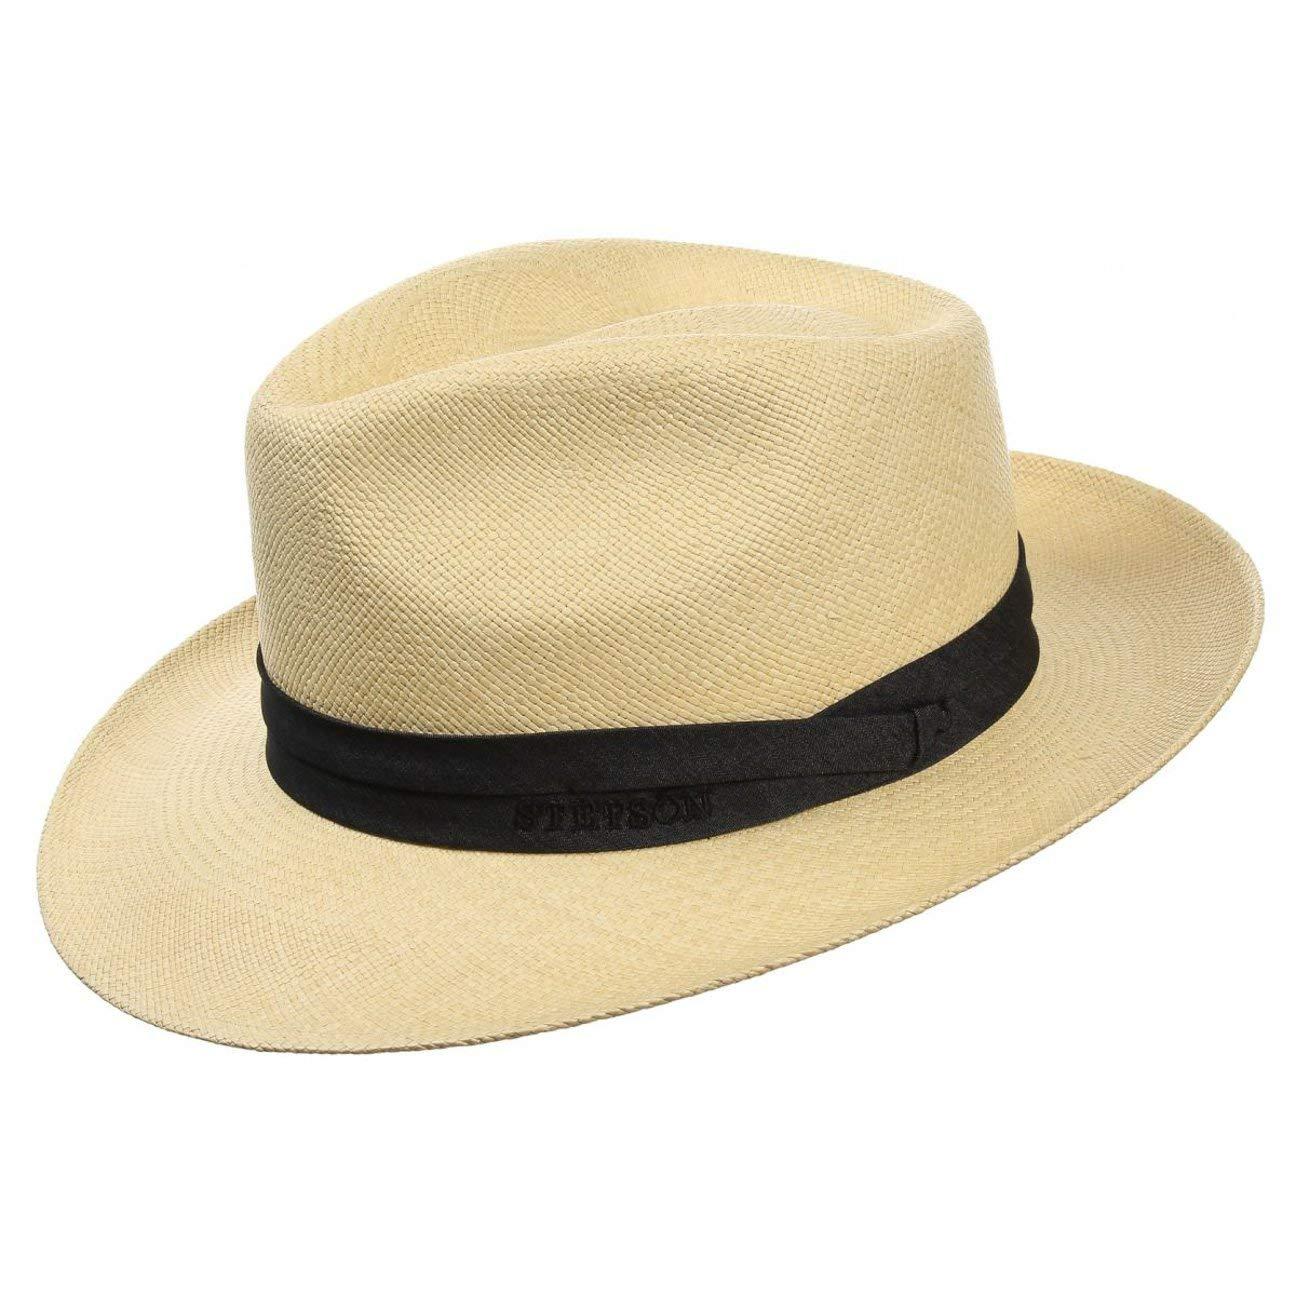 6a83f3562abc1 Stetson Jenkins Panama Hat hats straw  Amazon.co.uk  Clothing